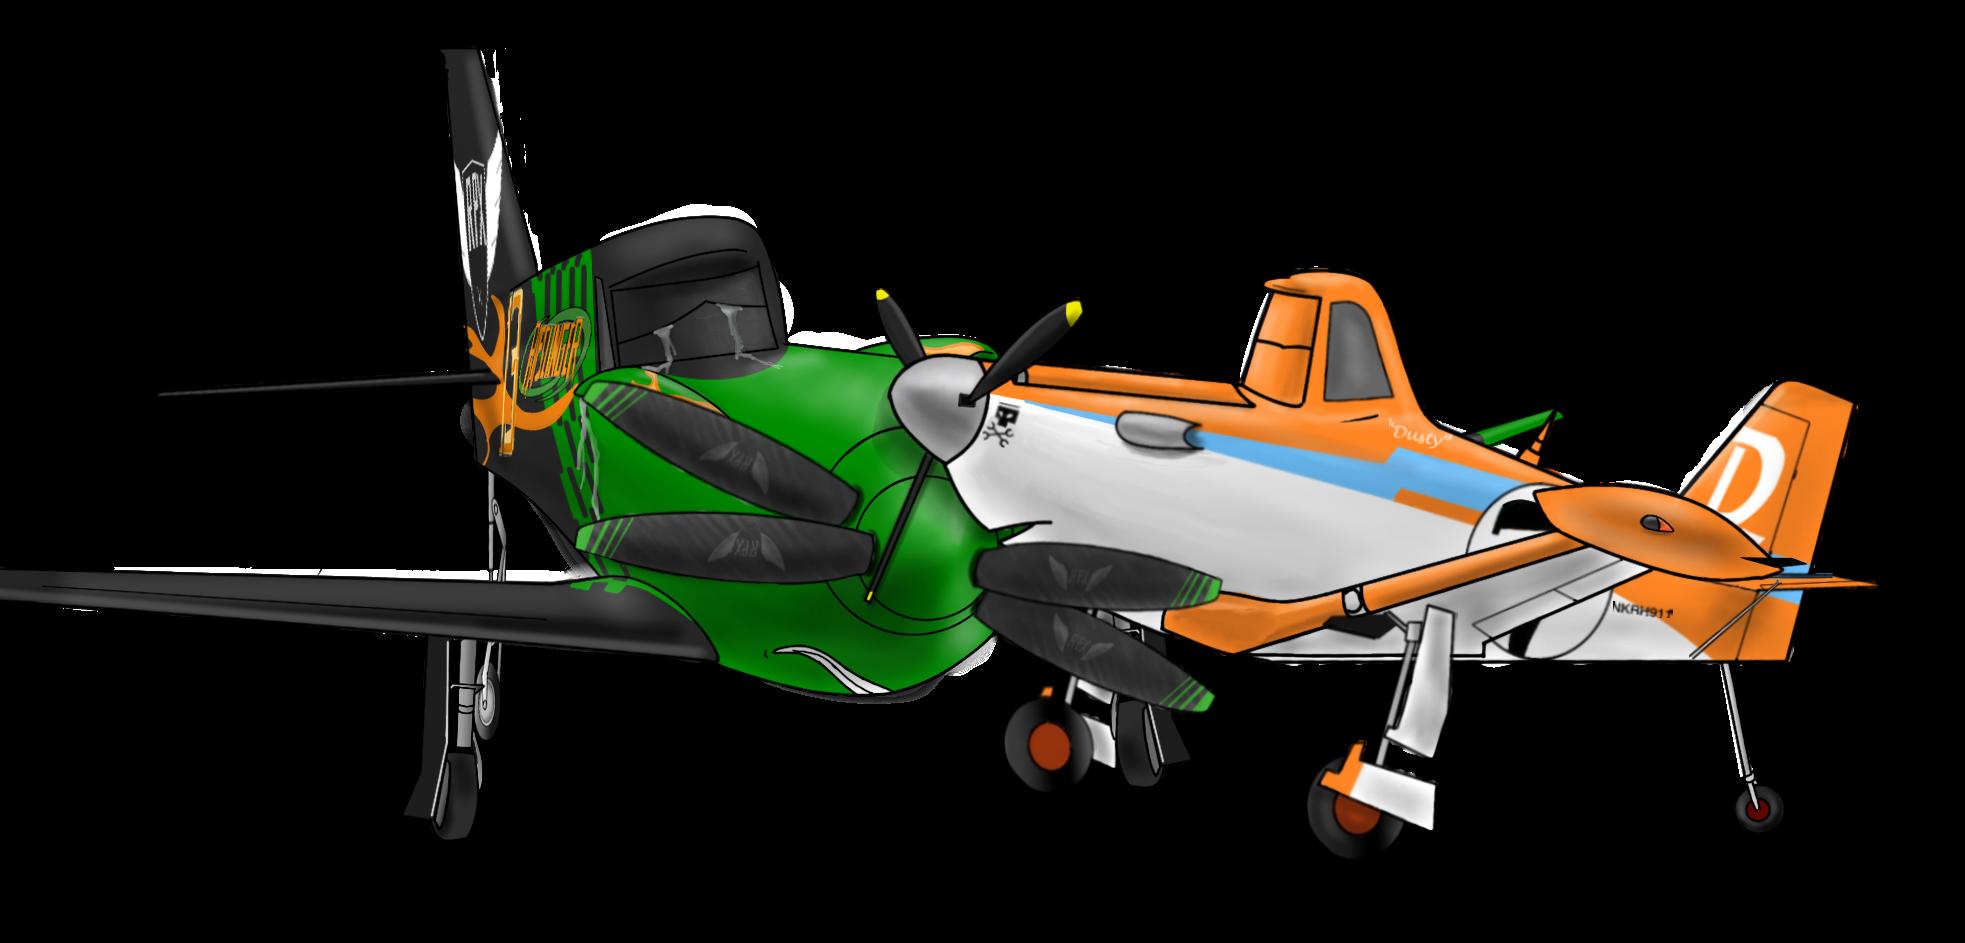 Disneys Planes Dusty Crophopper Base By FavoriteArtMan On DeviantArt